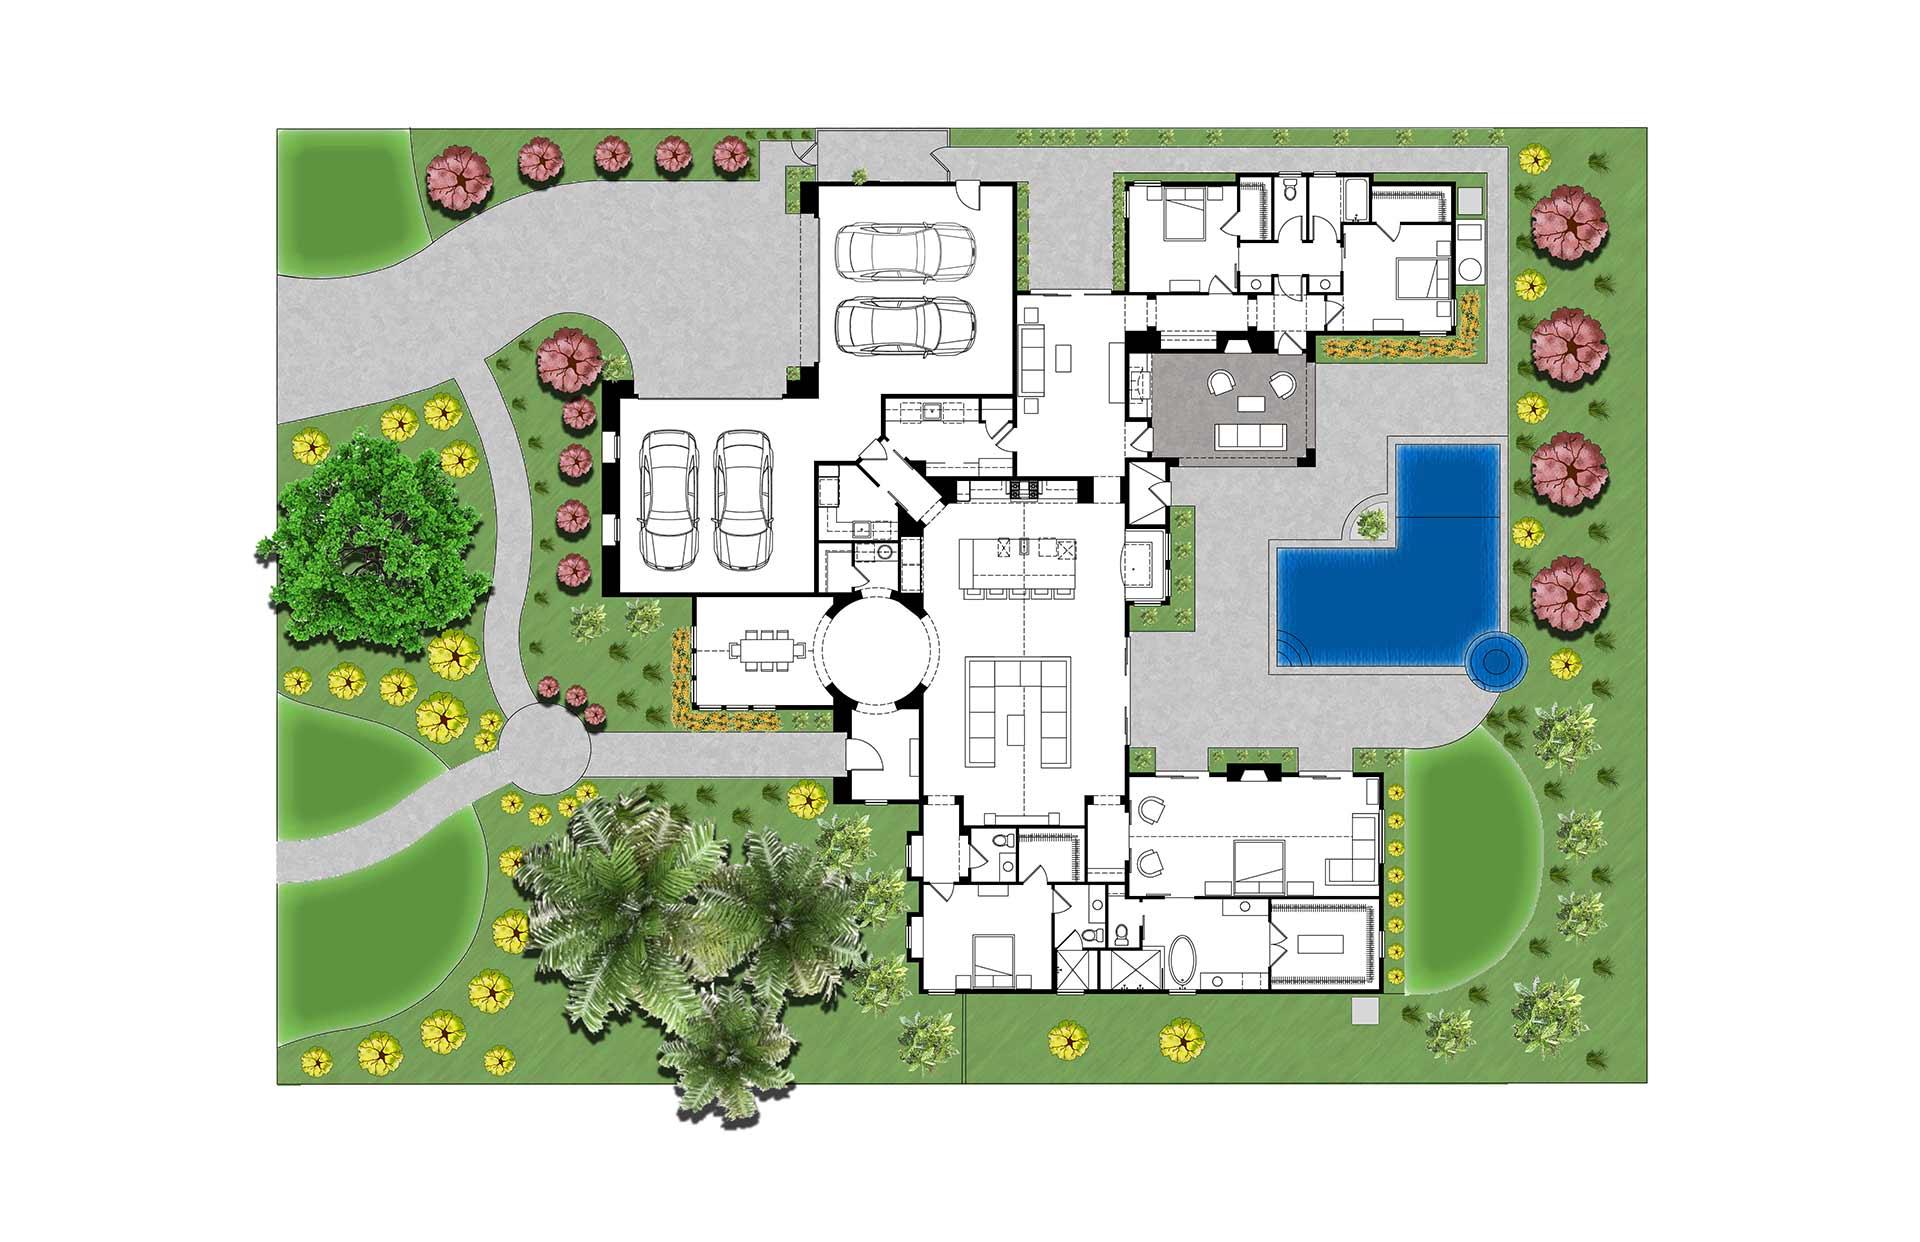 Lot-67-Floor-Plan-3